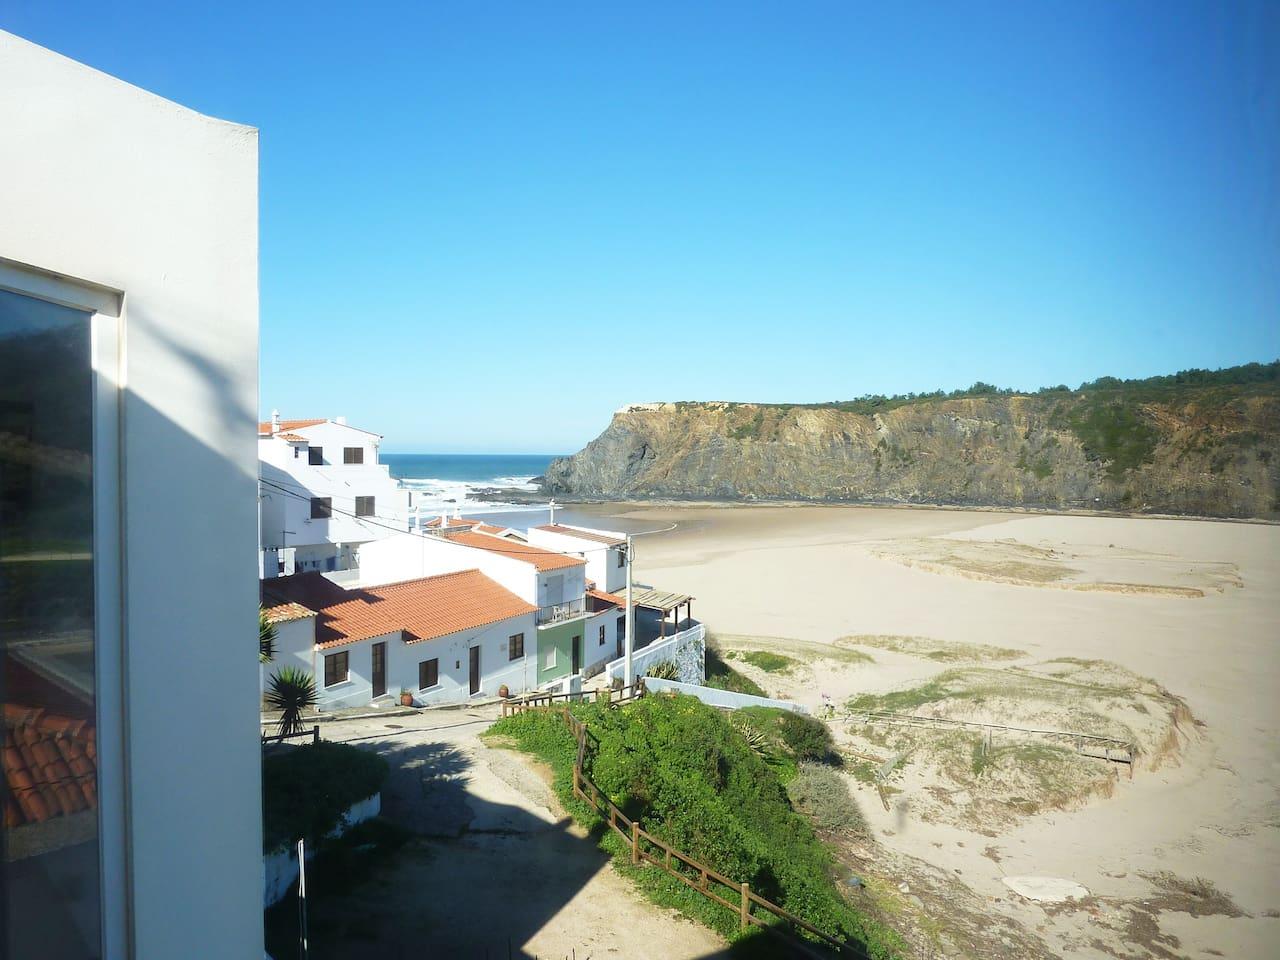 vista da casa sobre a praia